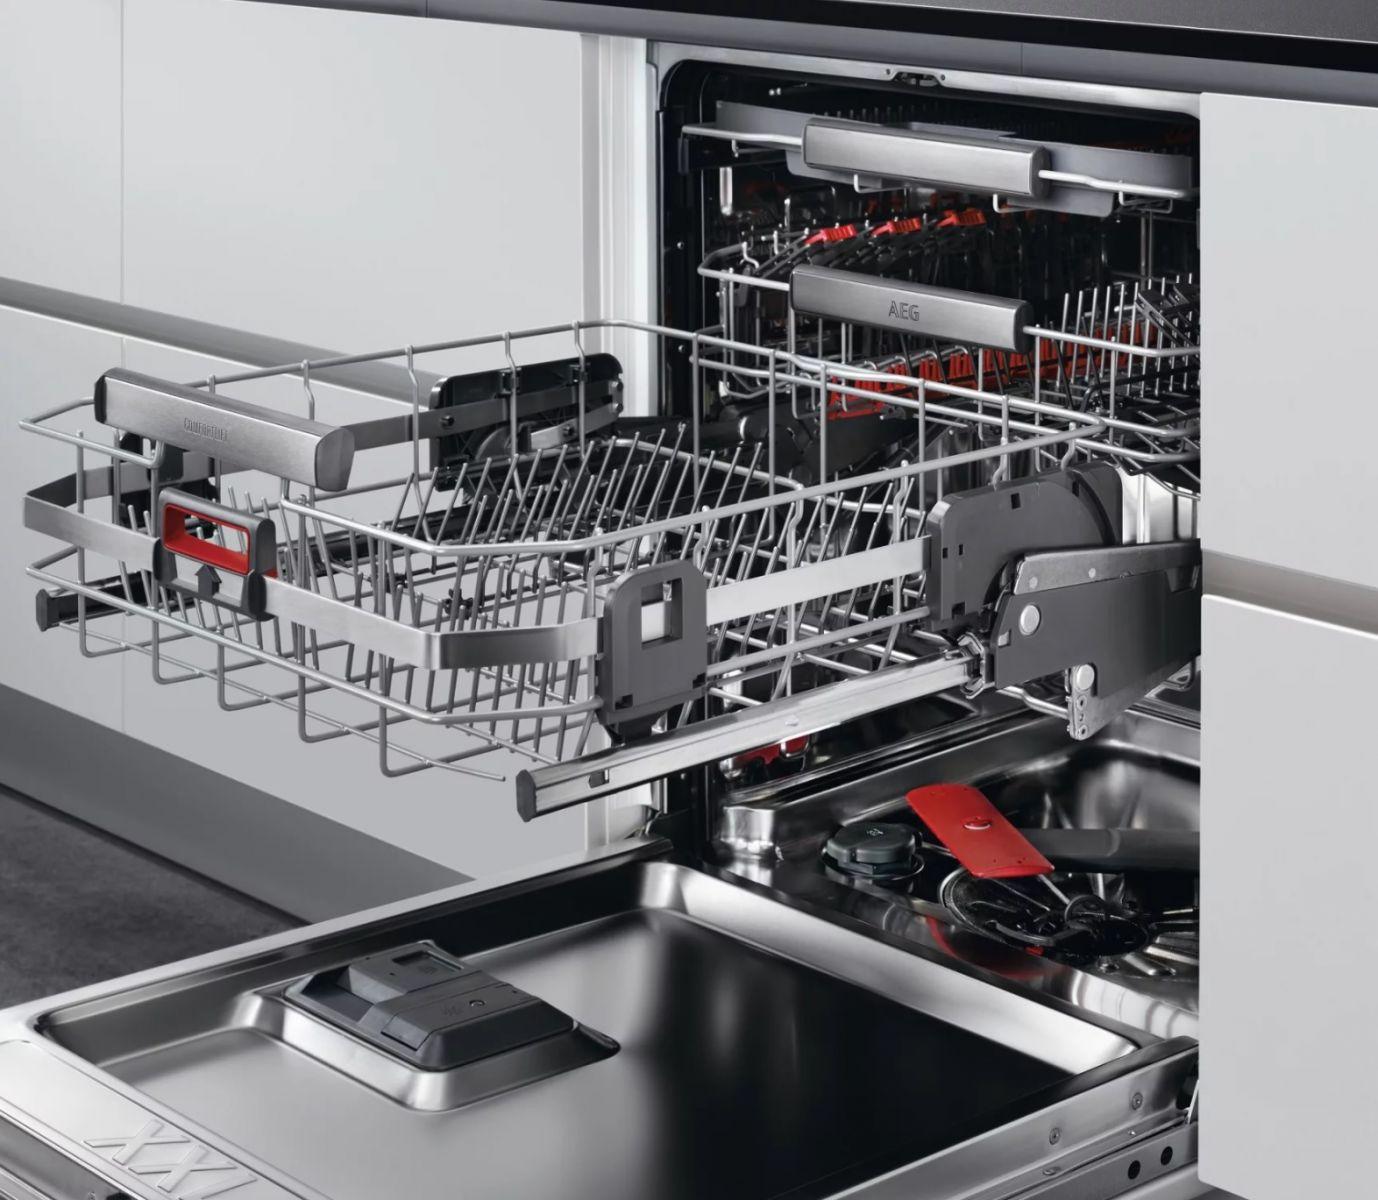 Выбор лучшей посудомоечной машины: какая лучше? топ-5 популярных моделей